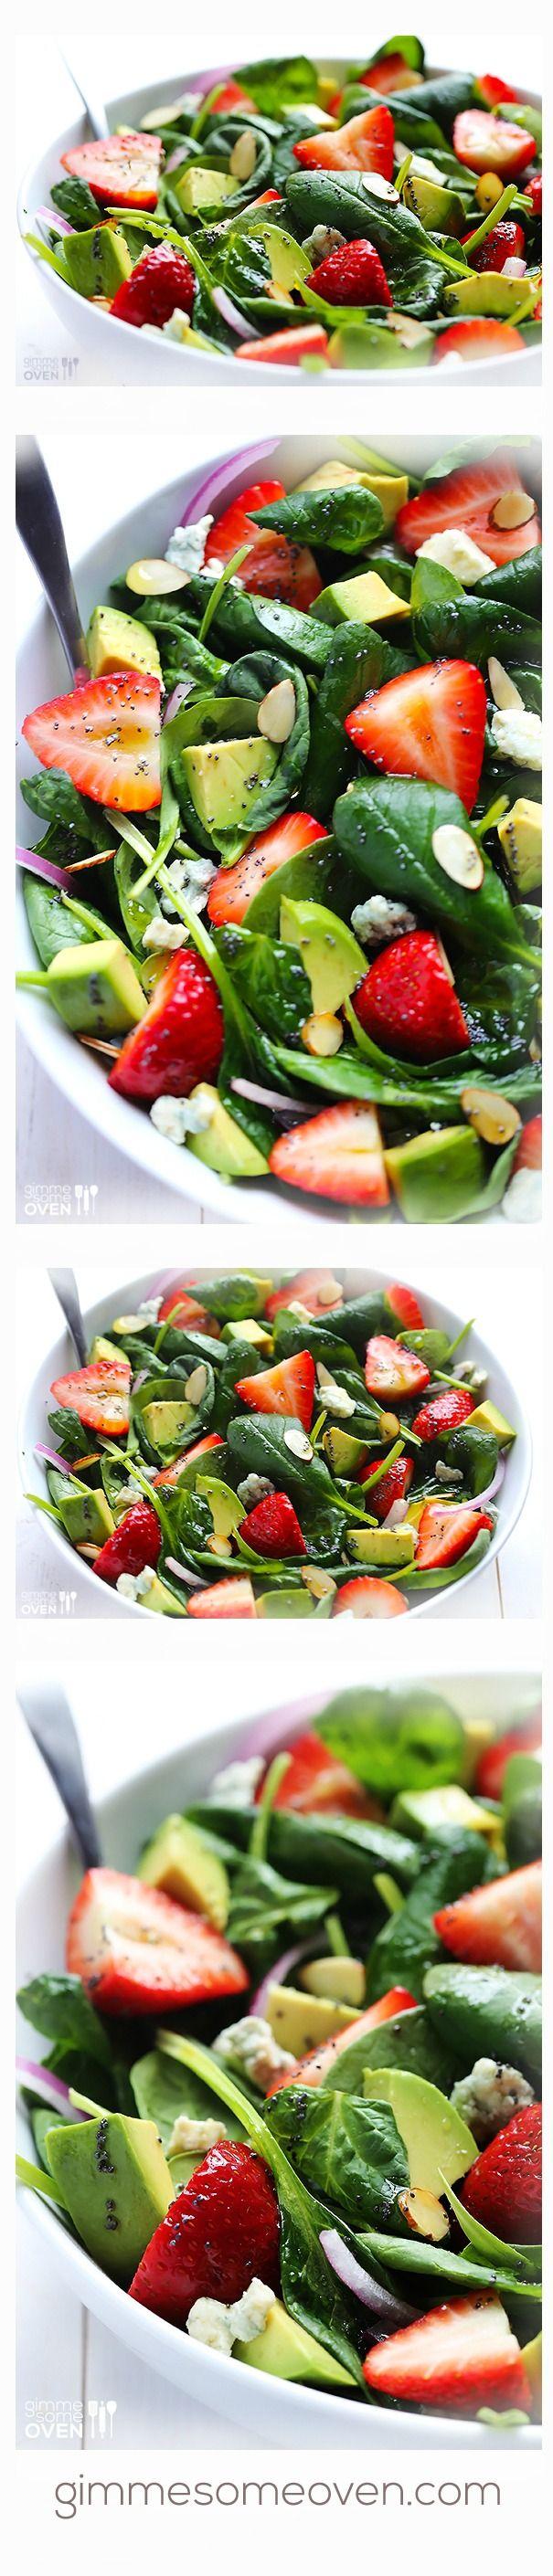 Entrantes: Ensalada de espinacas, fresas y aguacate